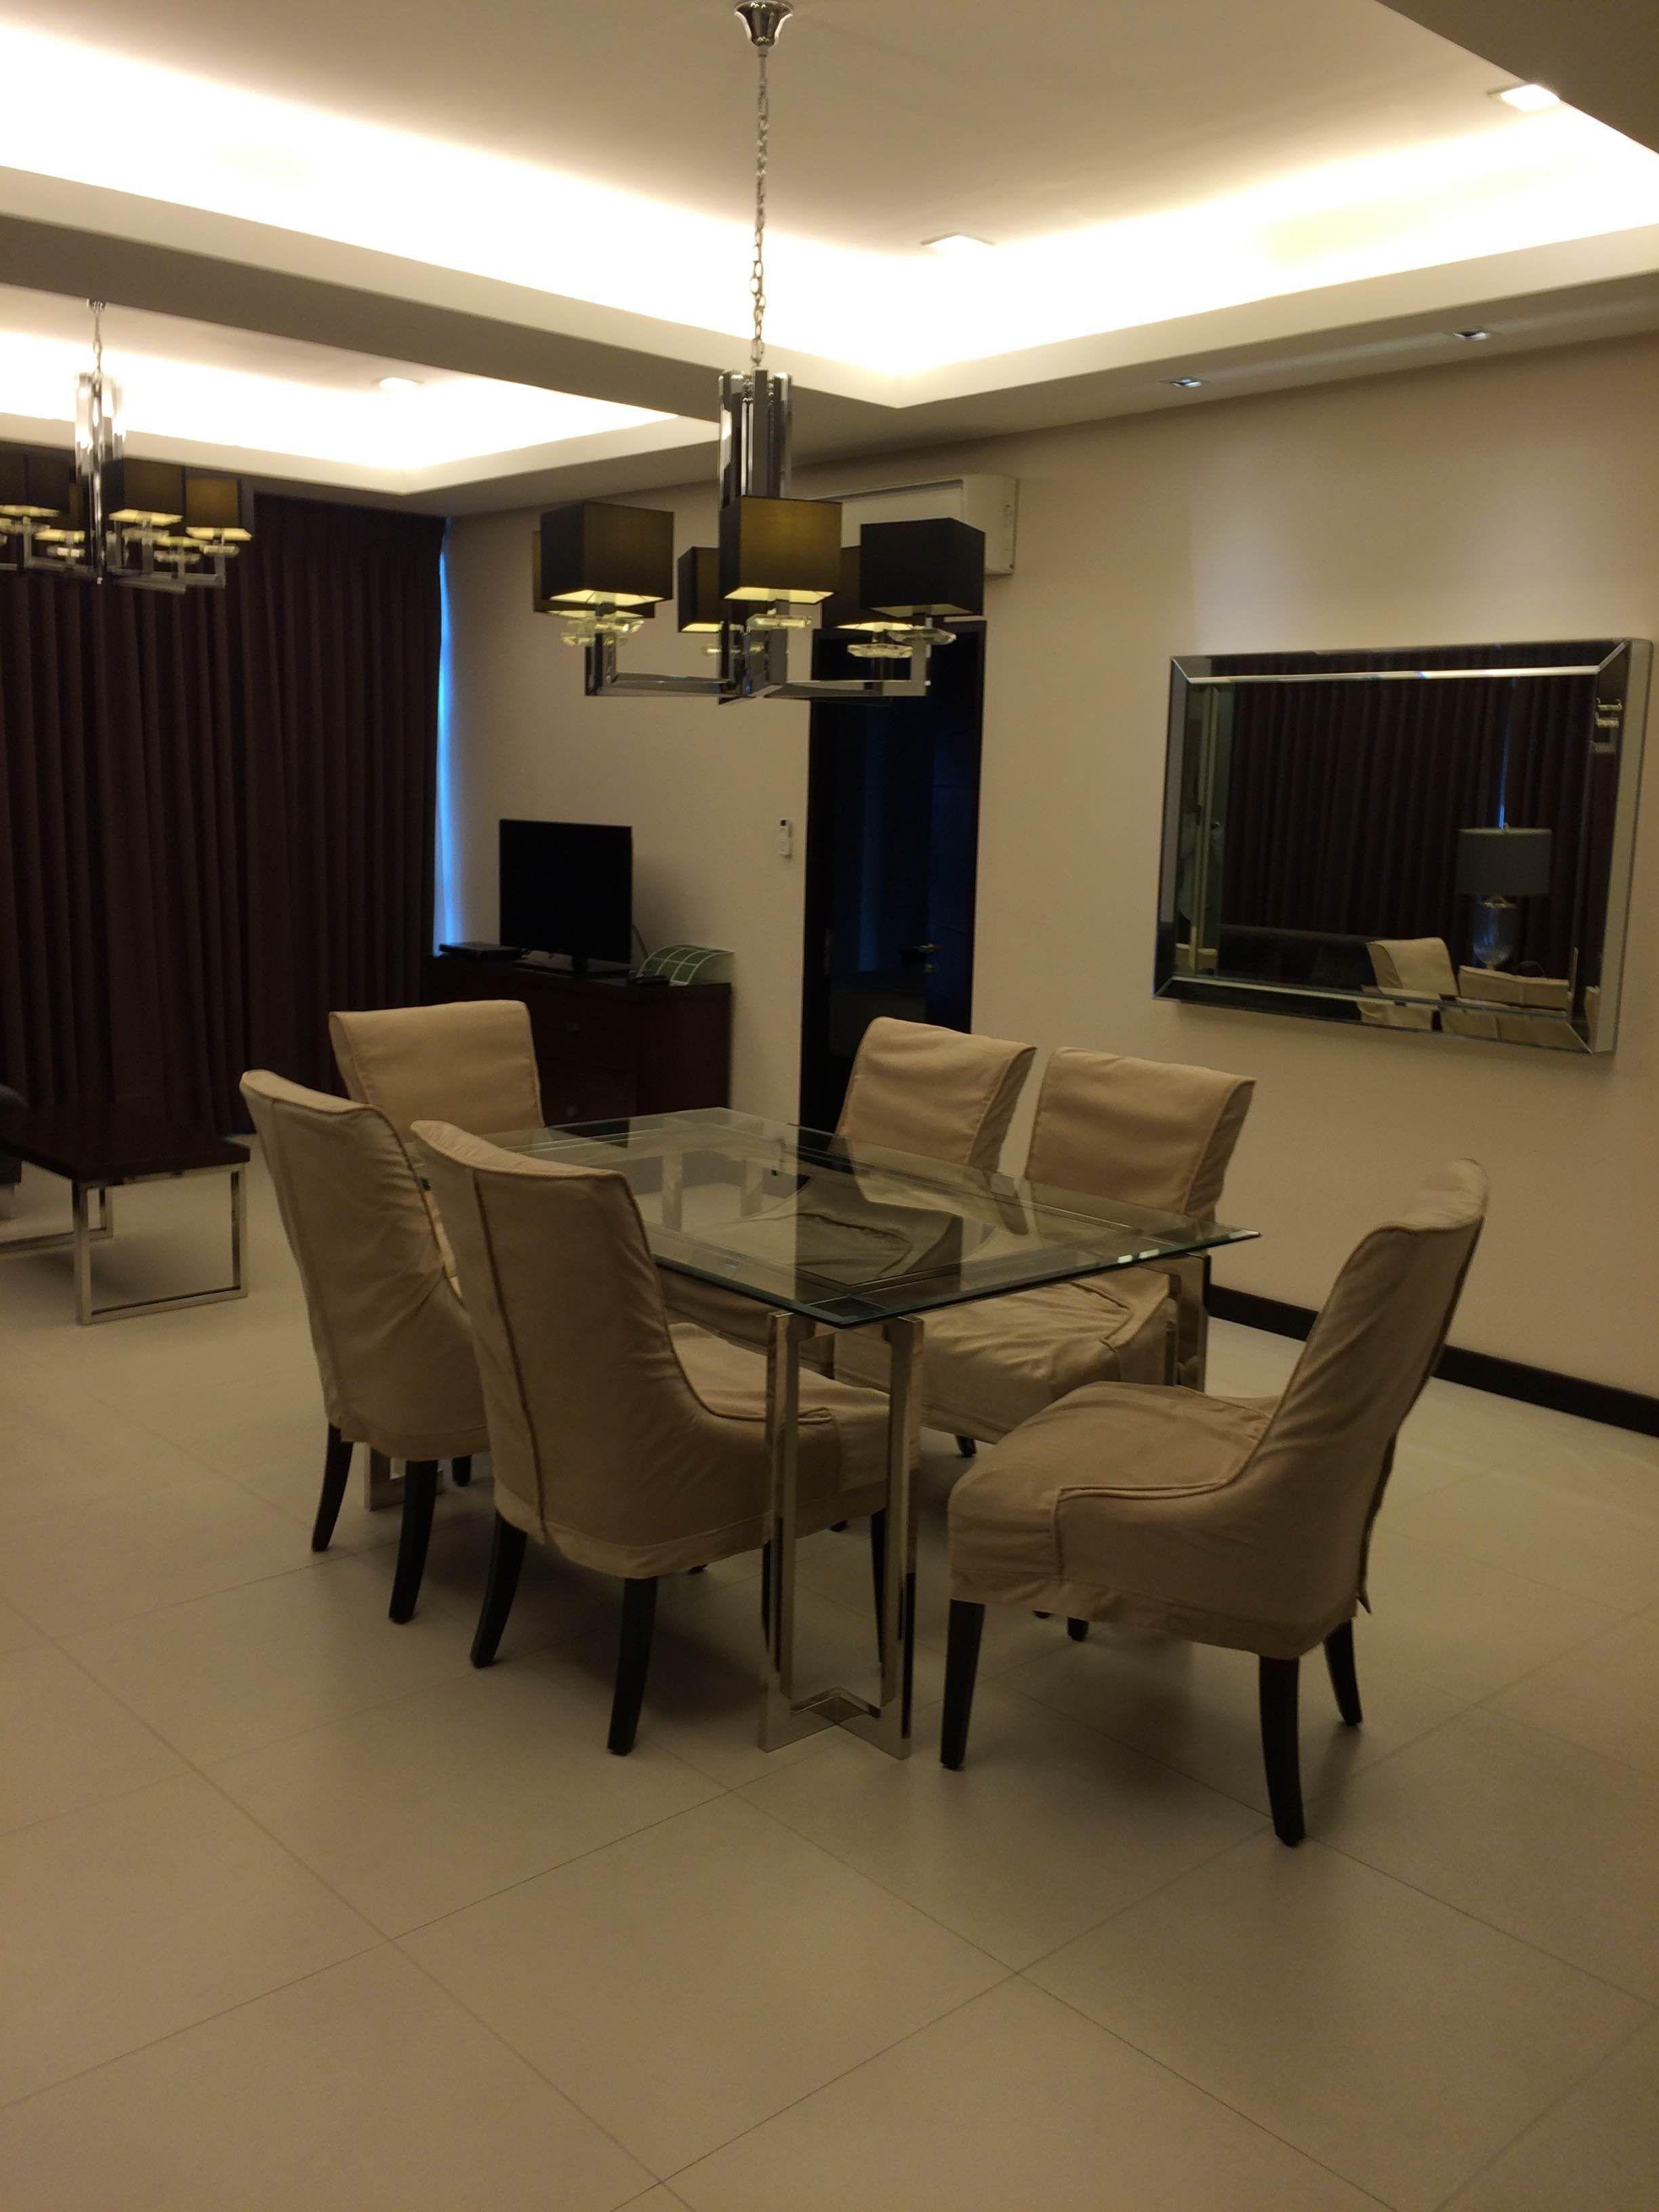 3 Bedroom Condo for Rent in BGC